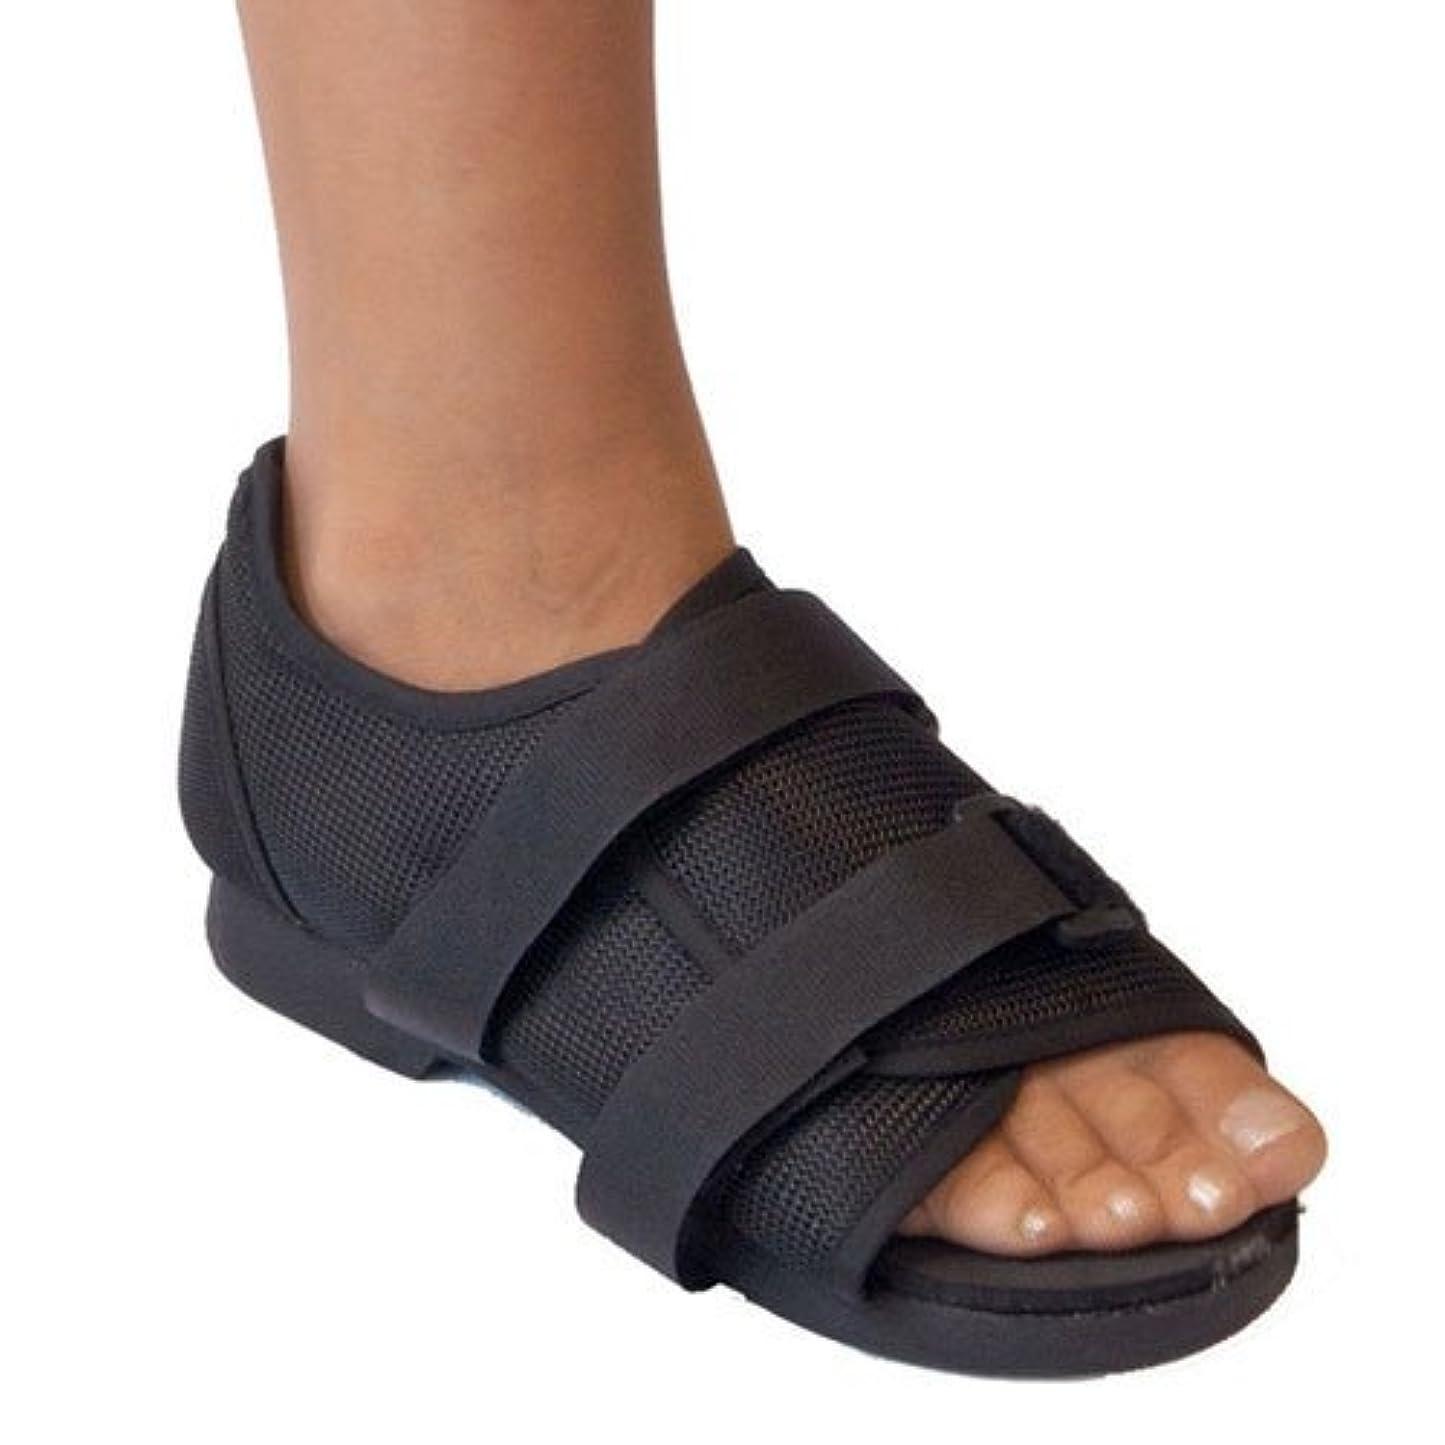 いじめっ子添加愛国的な術後靴、メディカルウォーキング、骨折した骨の耐久性のあるつま先整形外科サポートブレース。,M